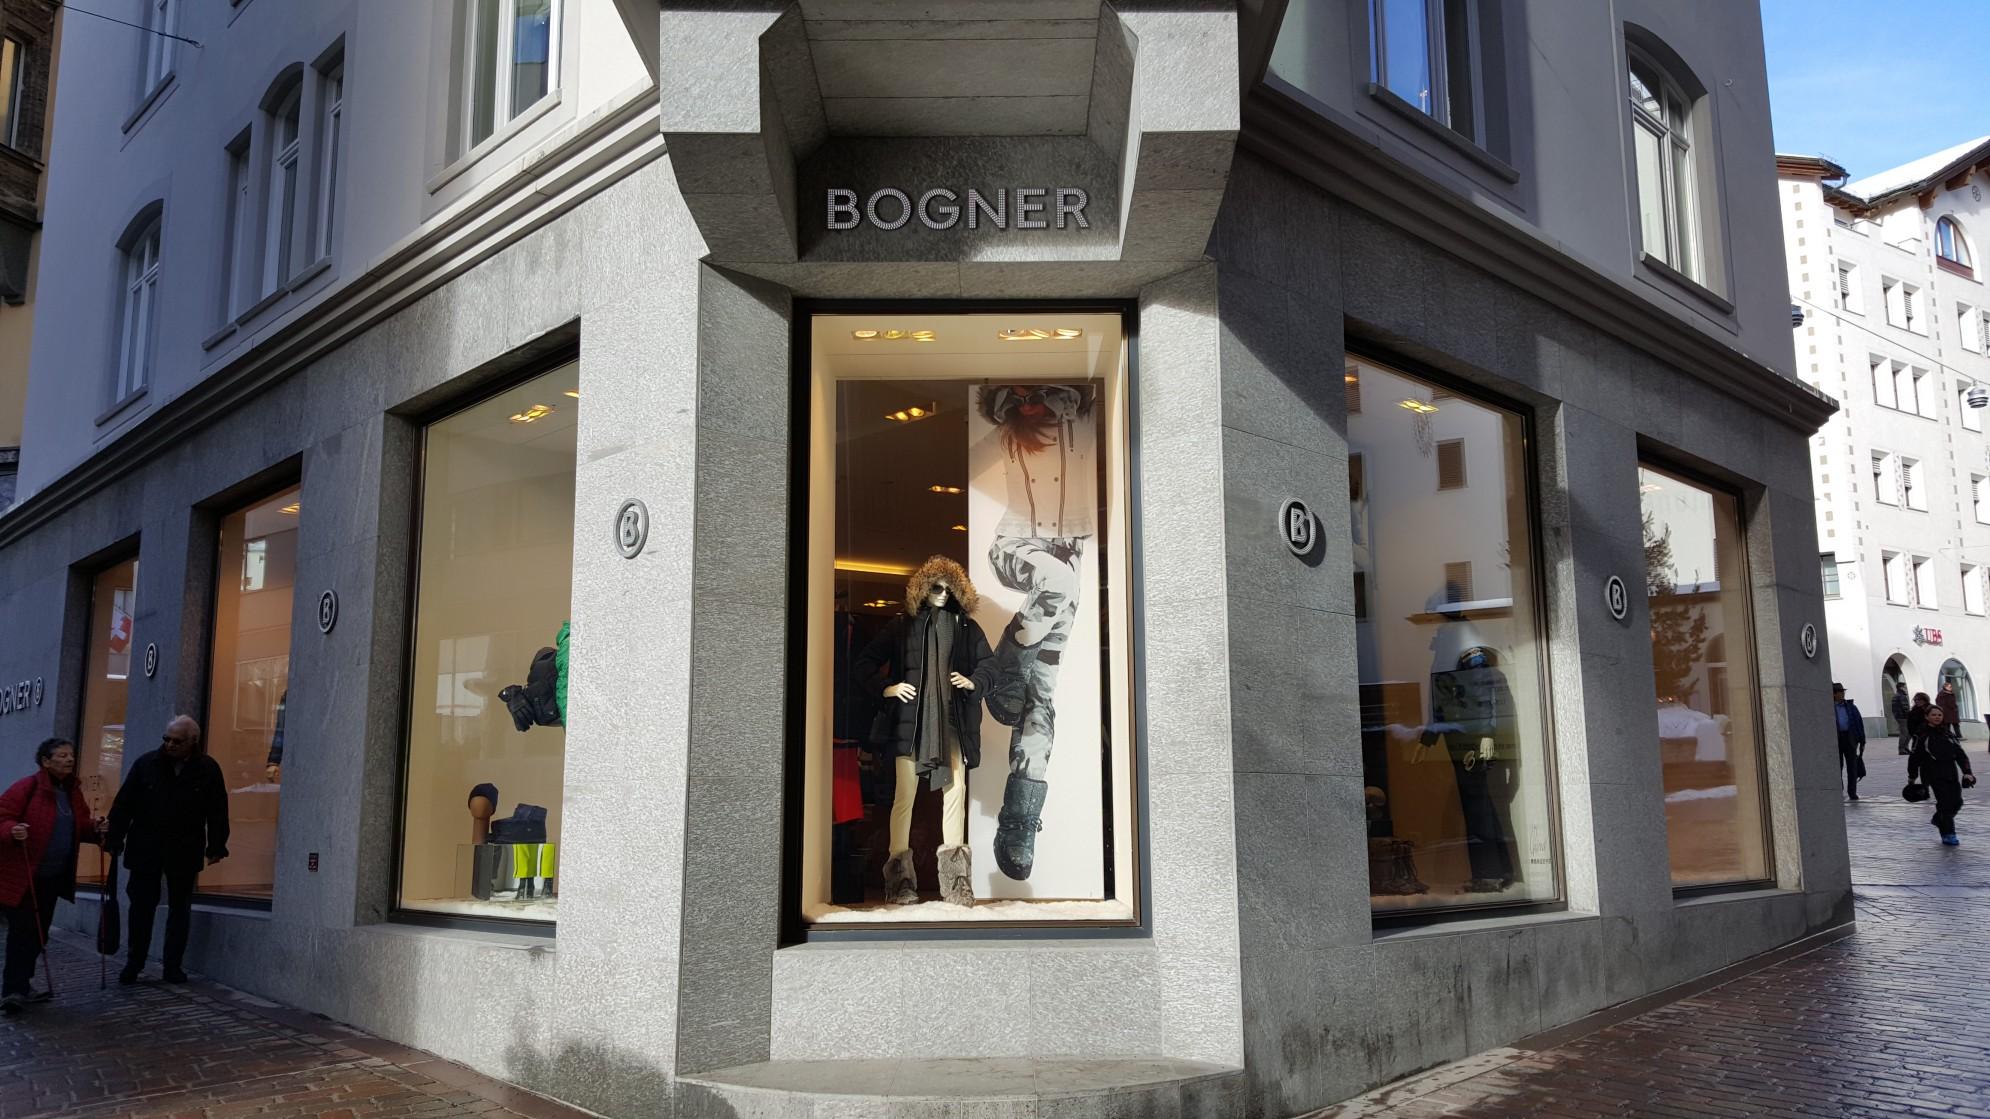 Negozio Bogner in Saint Moritz con marmo della valmalenco